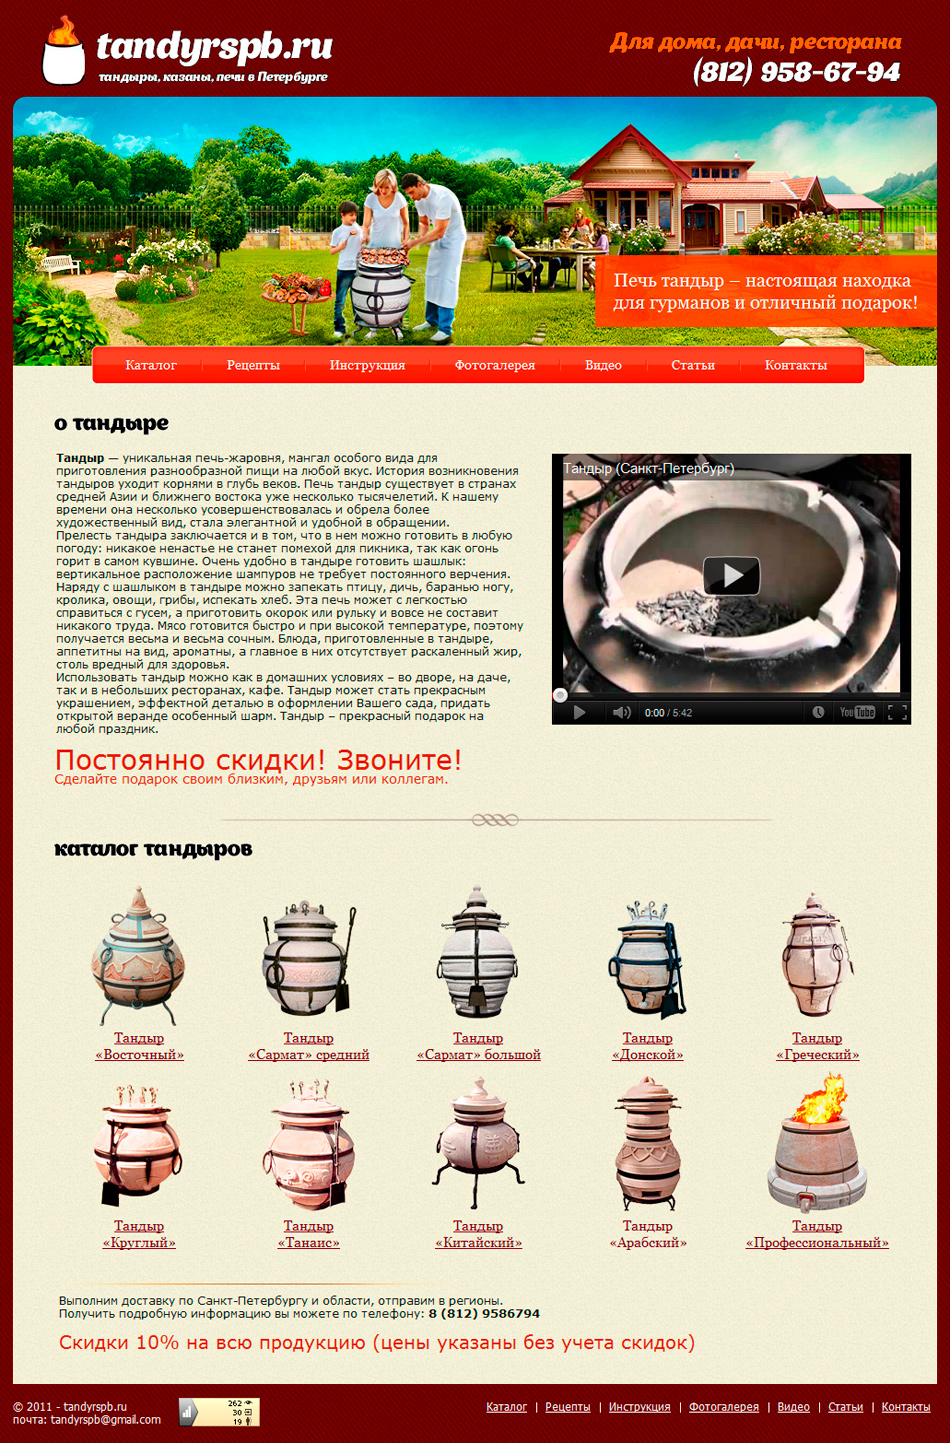 Тандыры, казаны, чугунная посуда в Санкт-Петербурге